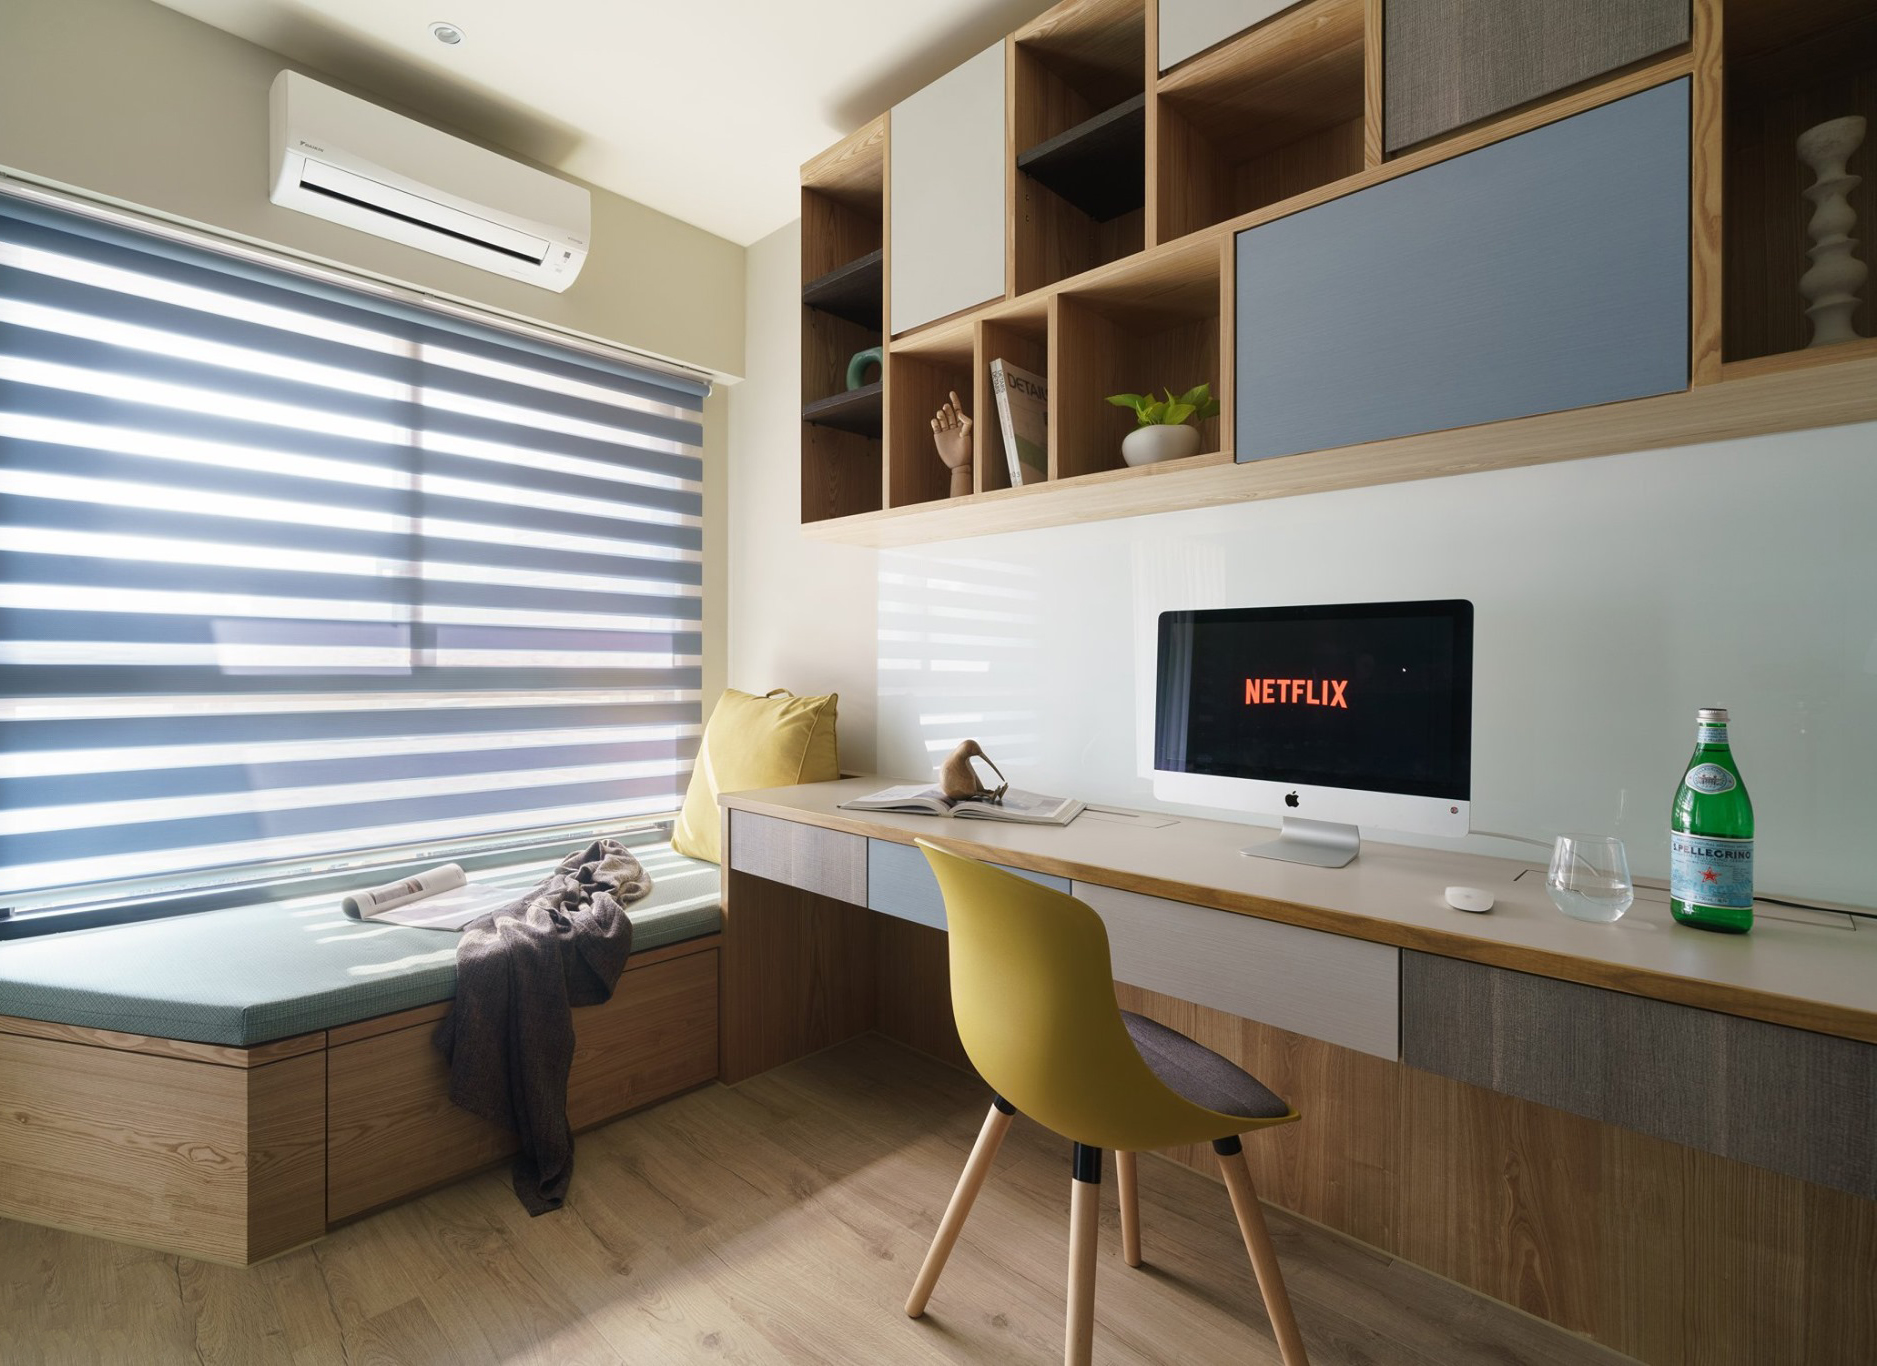 Kiến trúc sư tư vấn thiết kế căn hộ 50m² cho người trẻ độc thân với chi phí 134 triệu đồng - Ảnh 10.